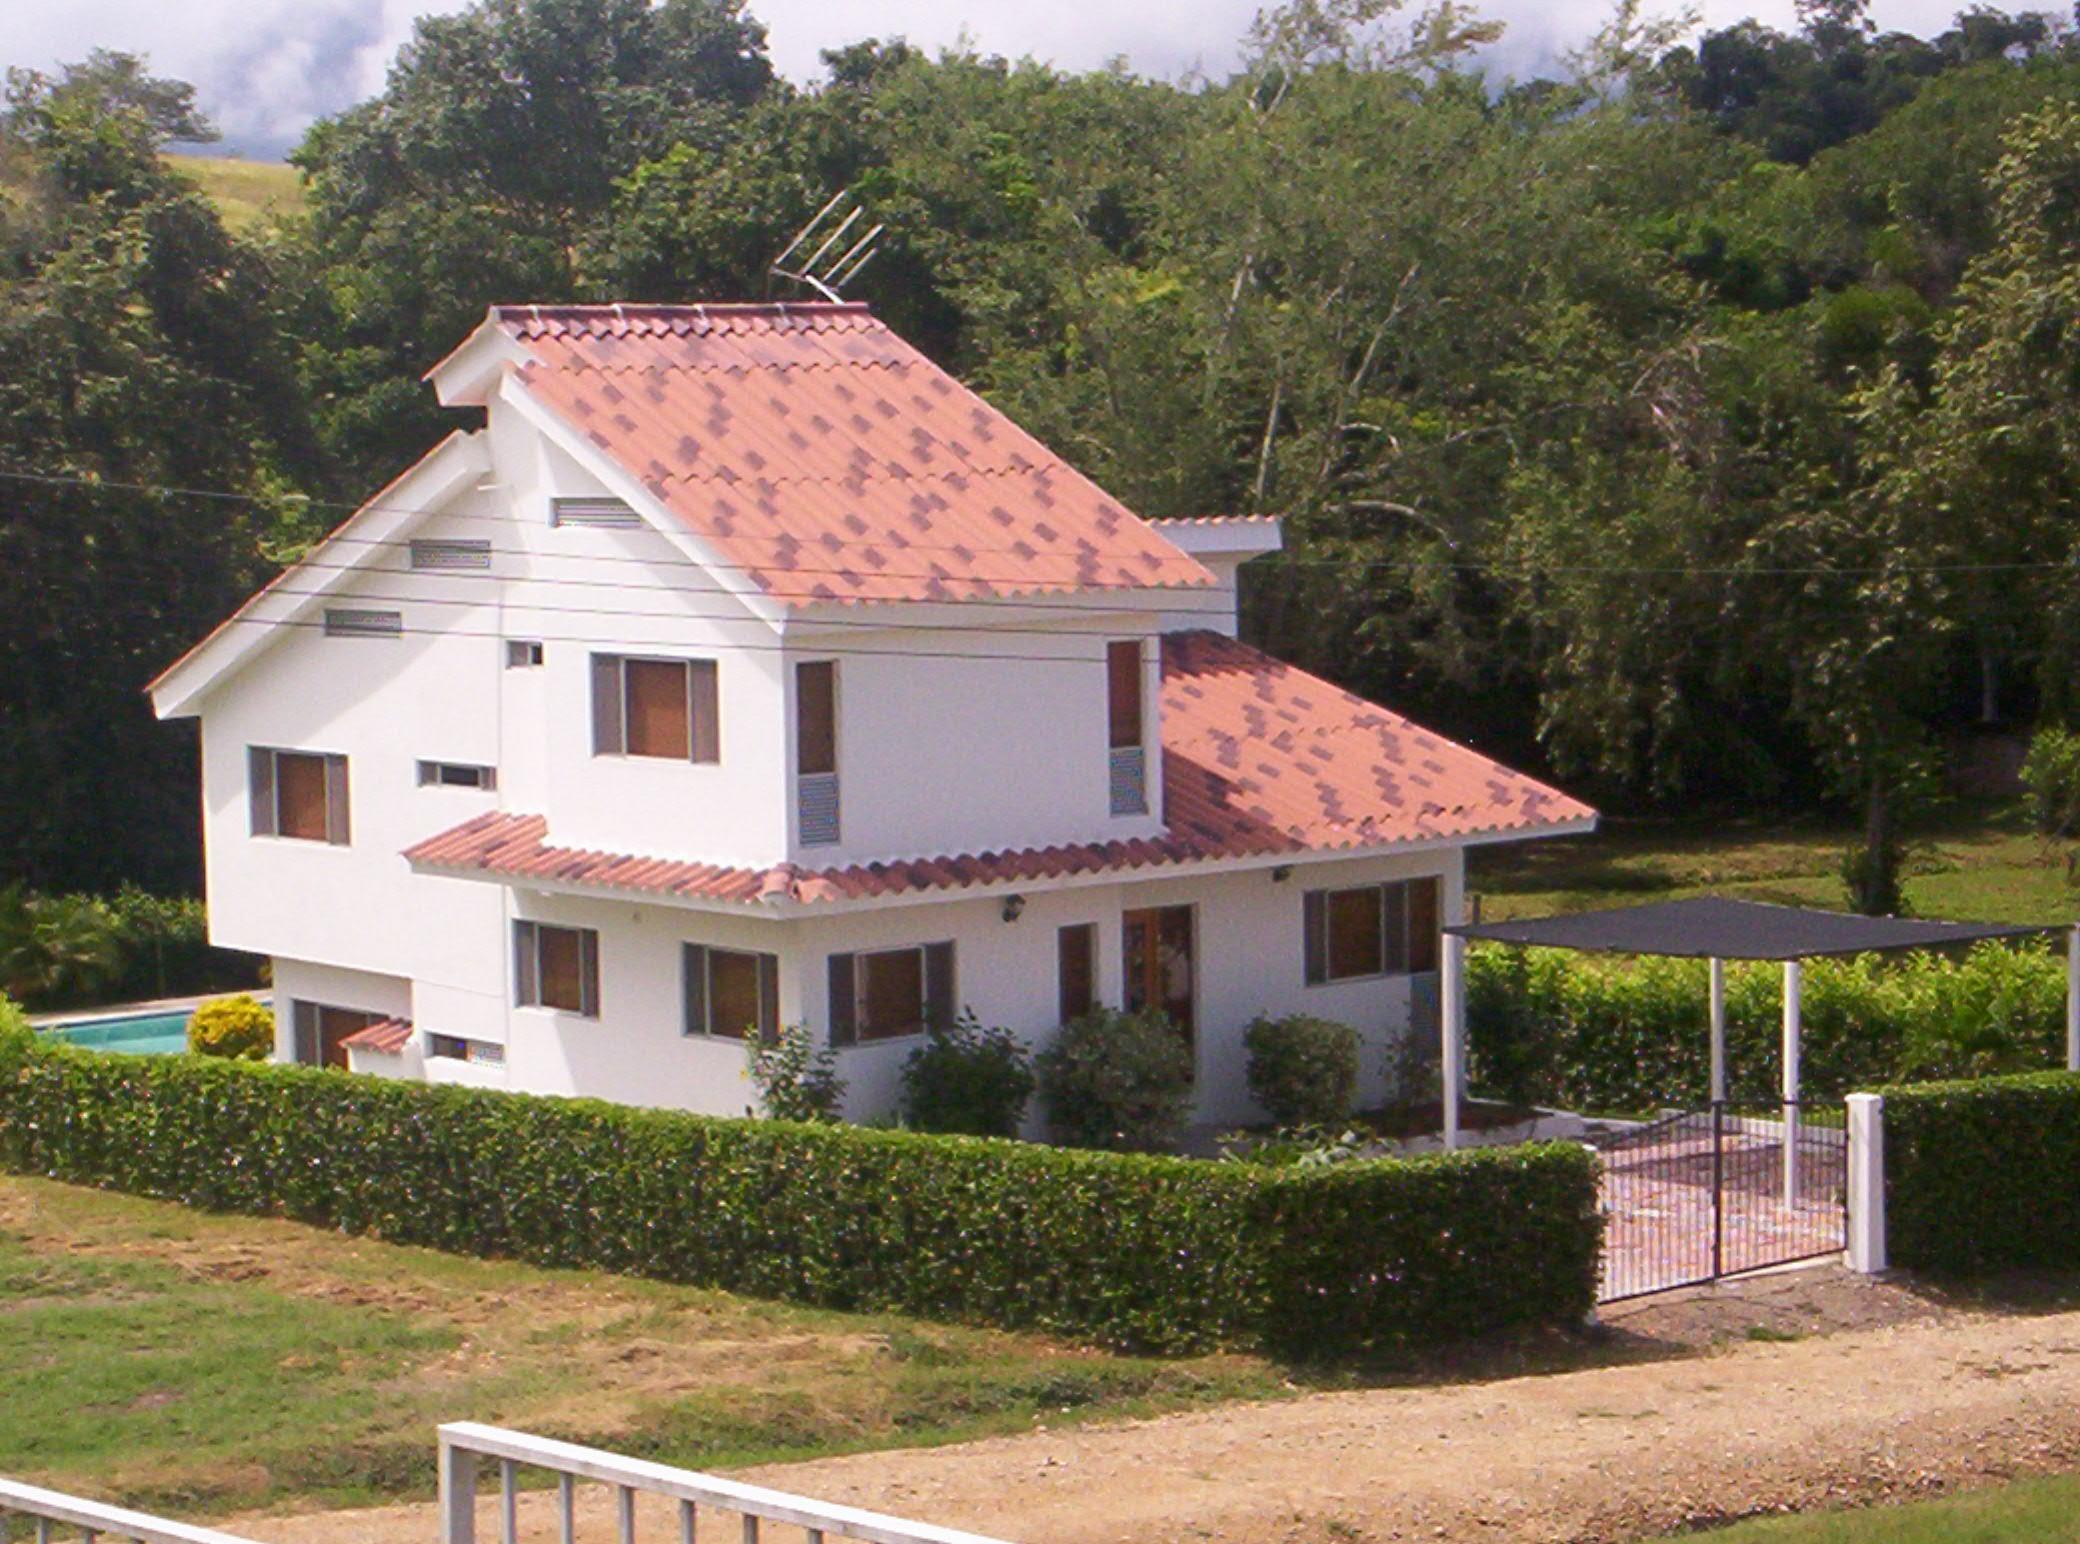 Lotes y casas campestres en espectacular for Decoracion casas campestres